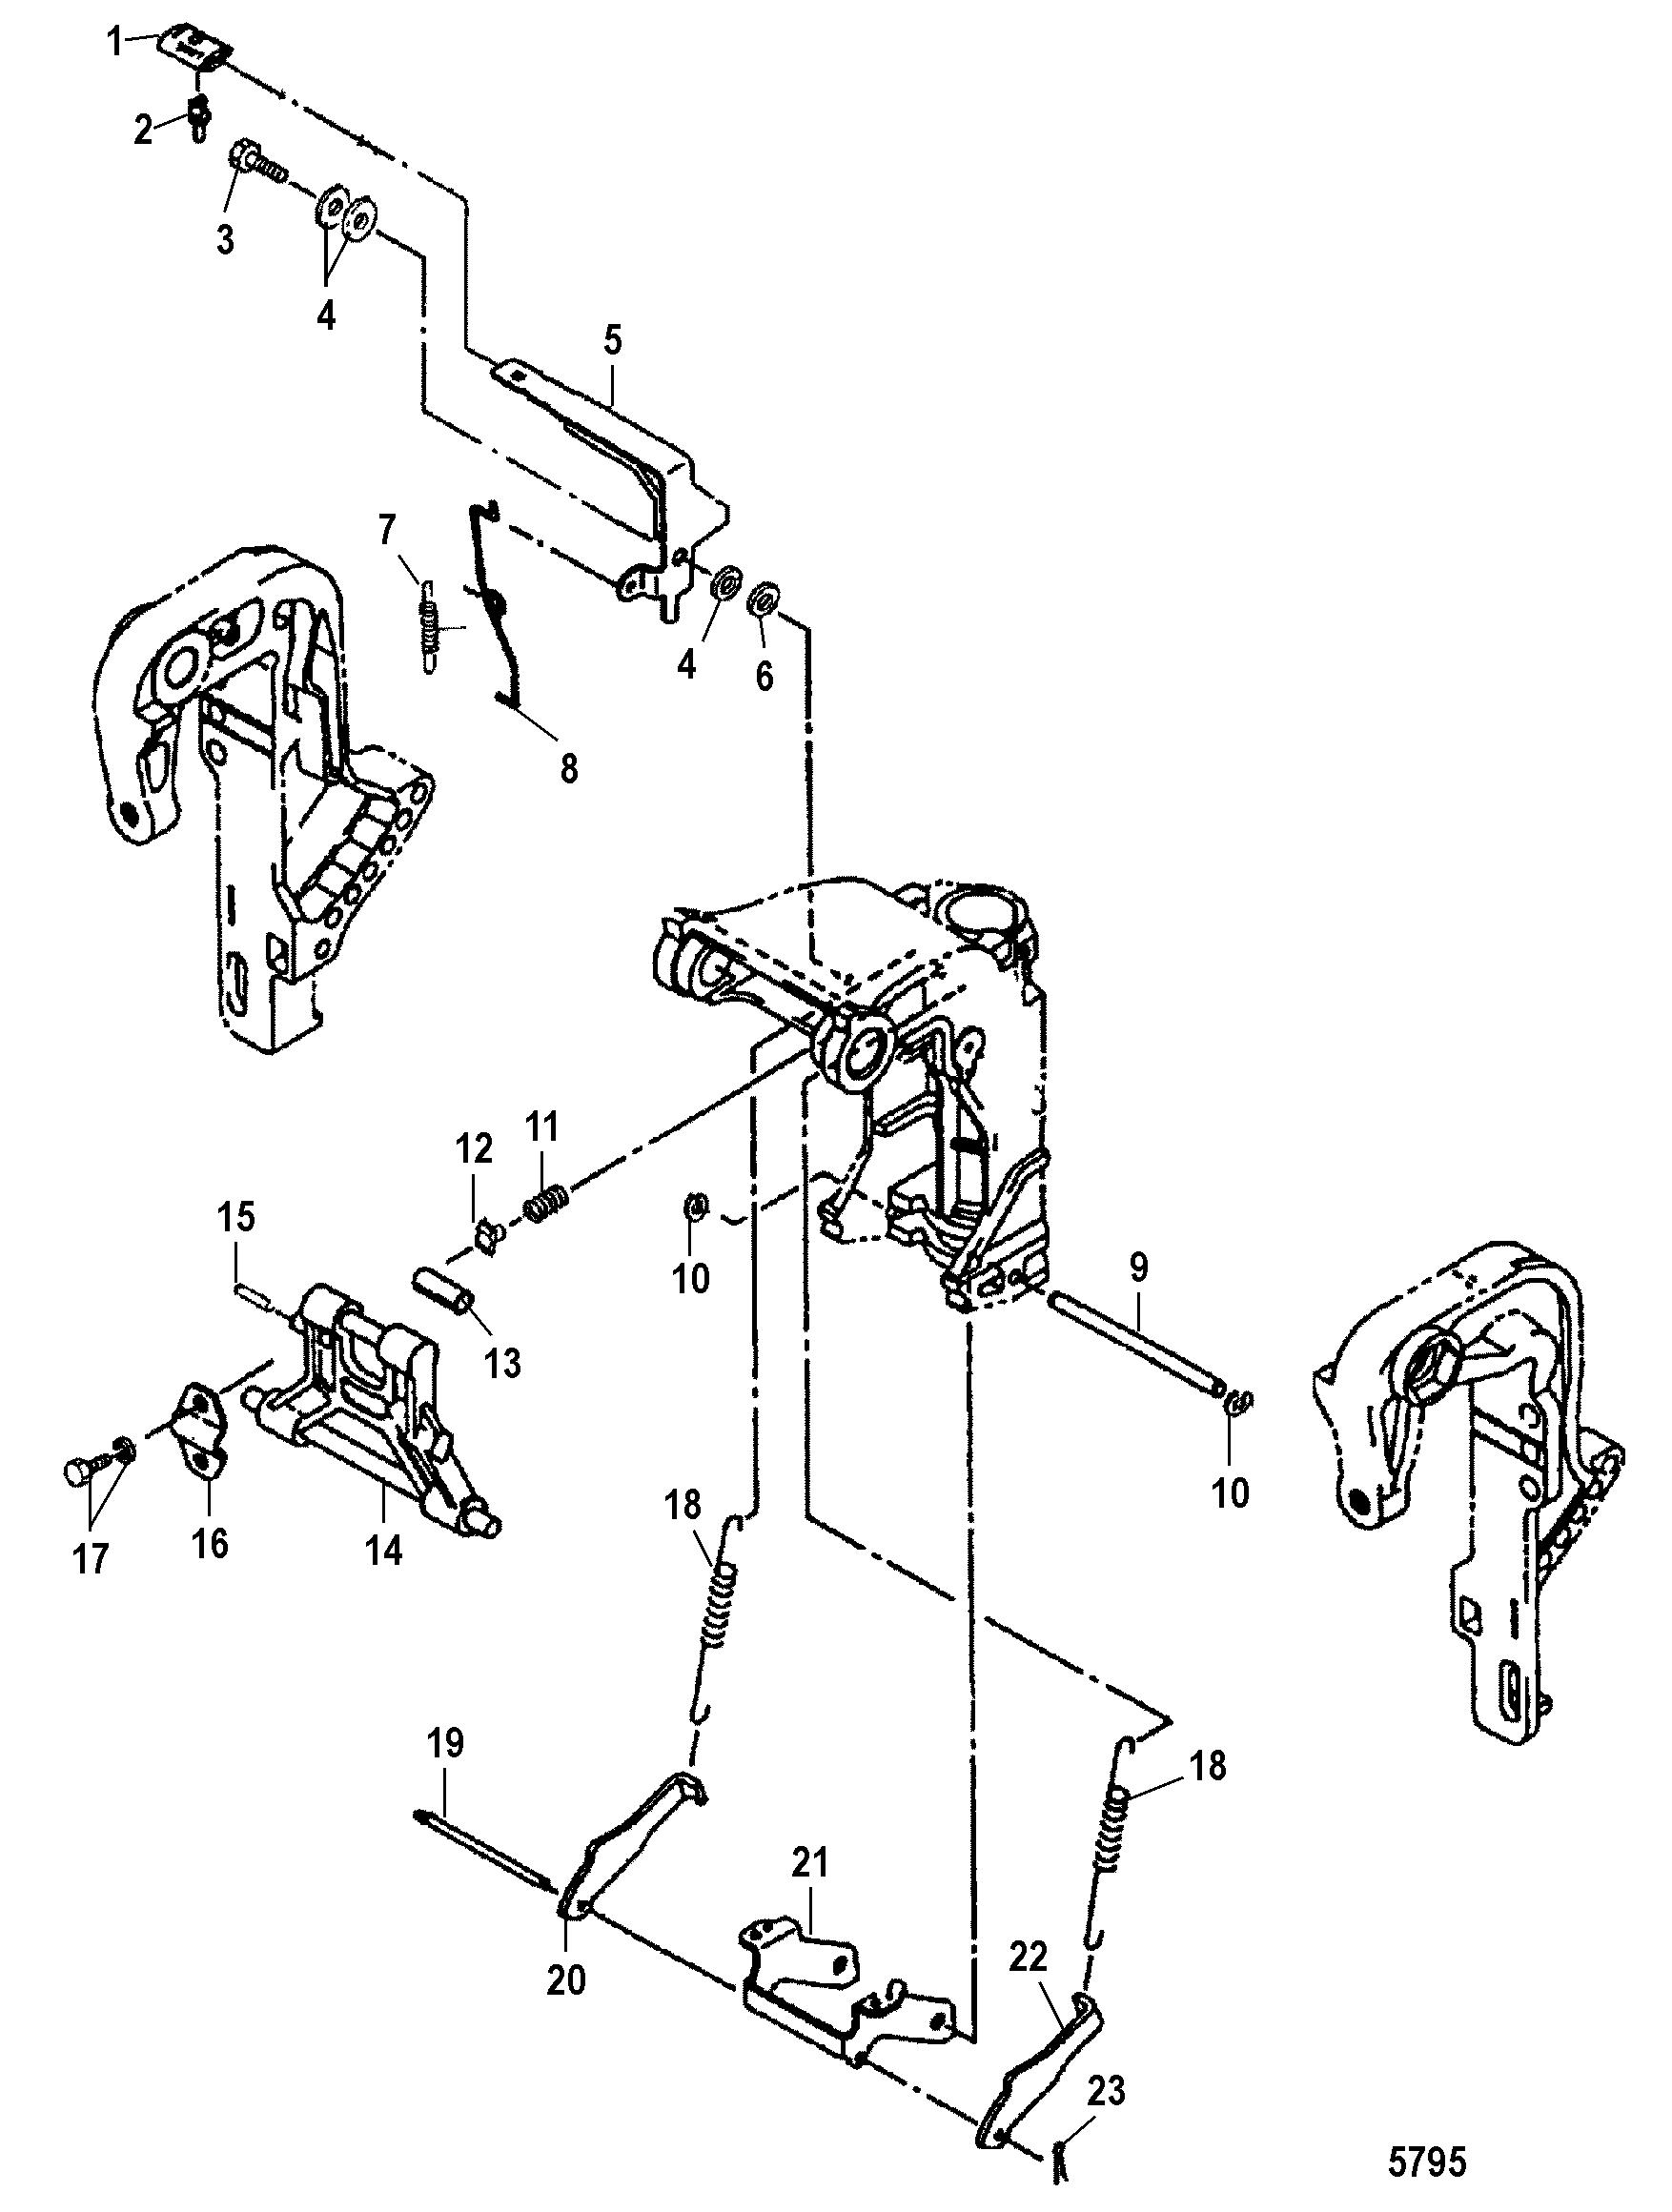 Array manual tilt for mariner mercury 40 lightning 40 lightning xr40 rh jamestowndistributors